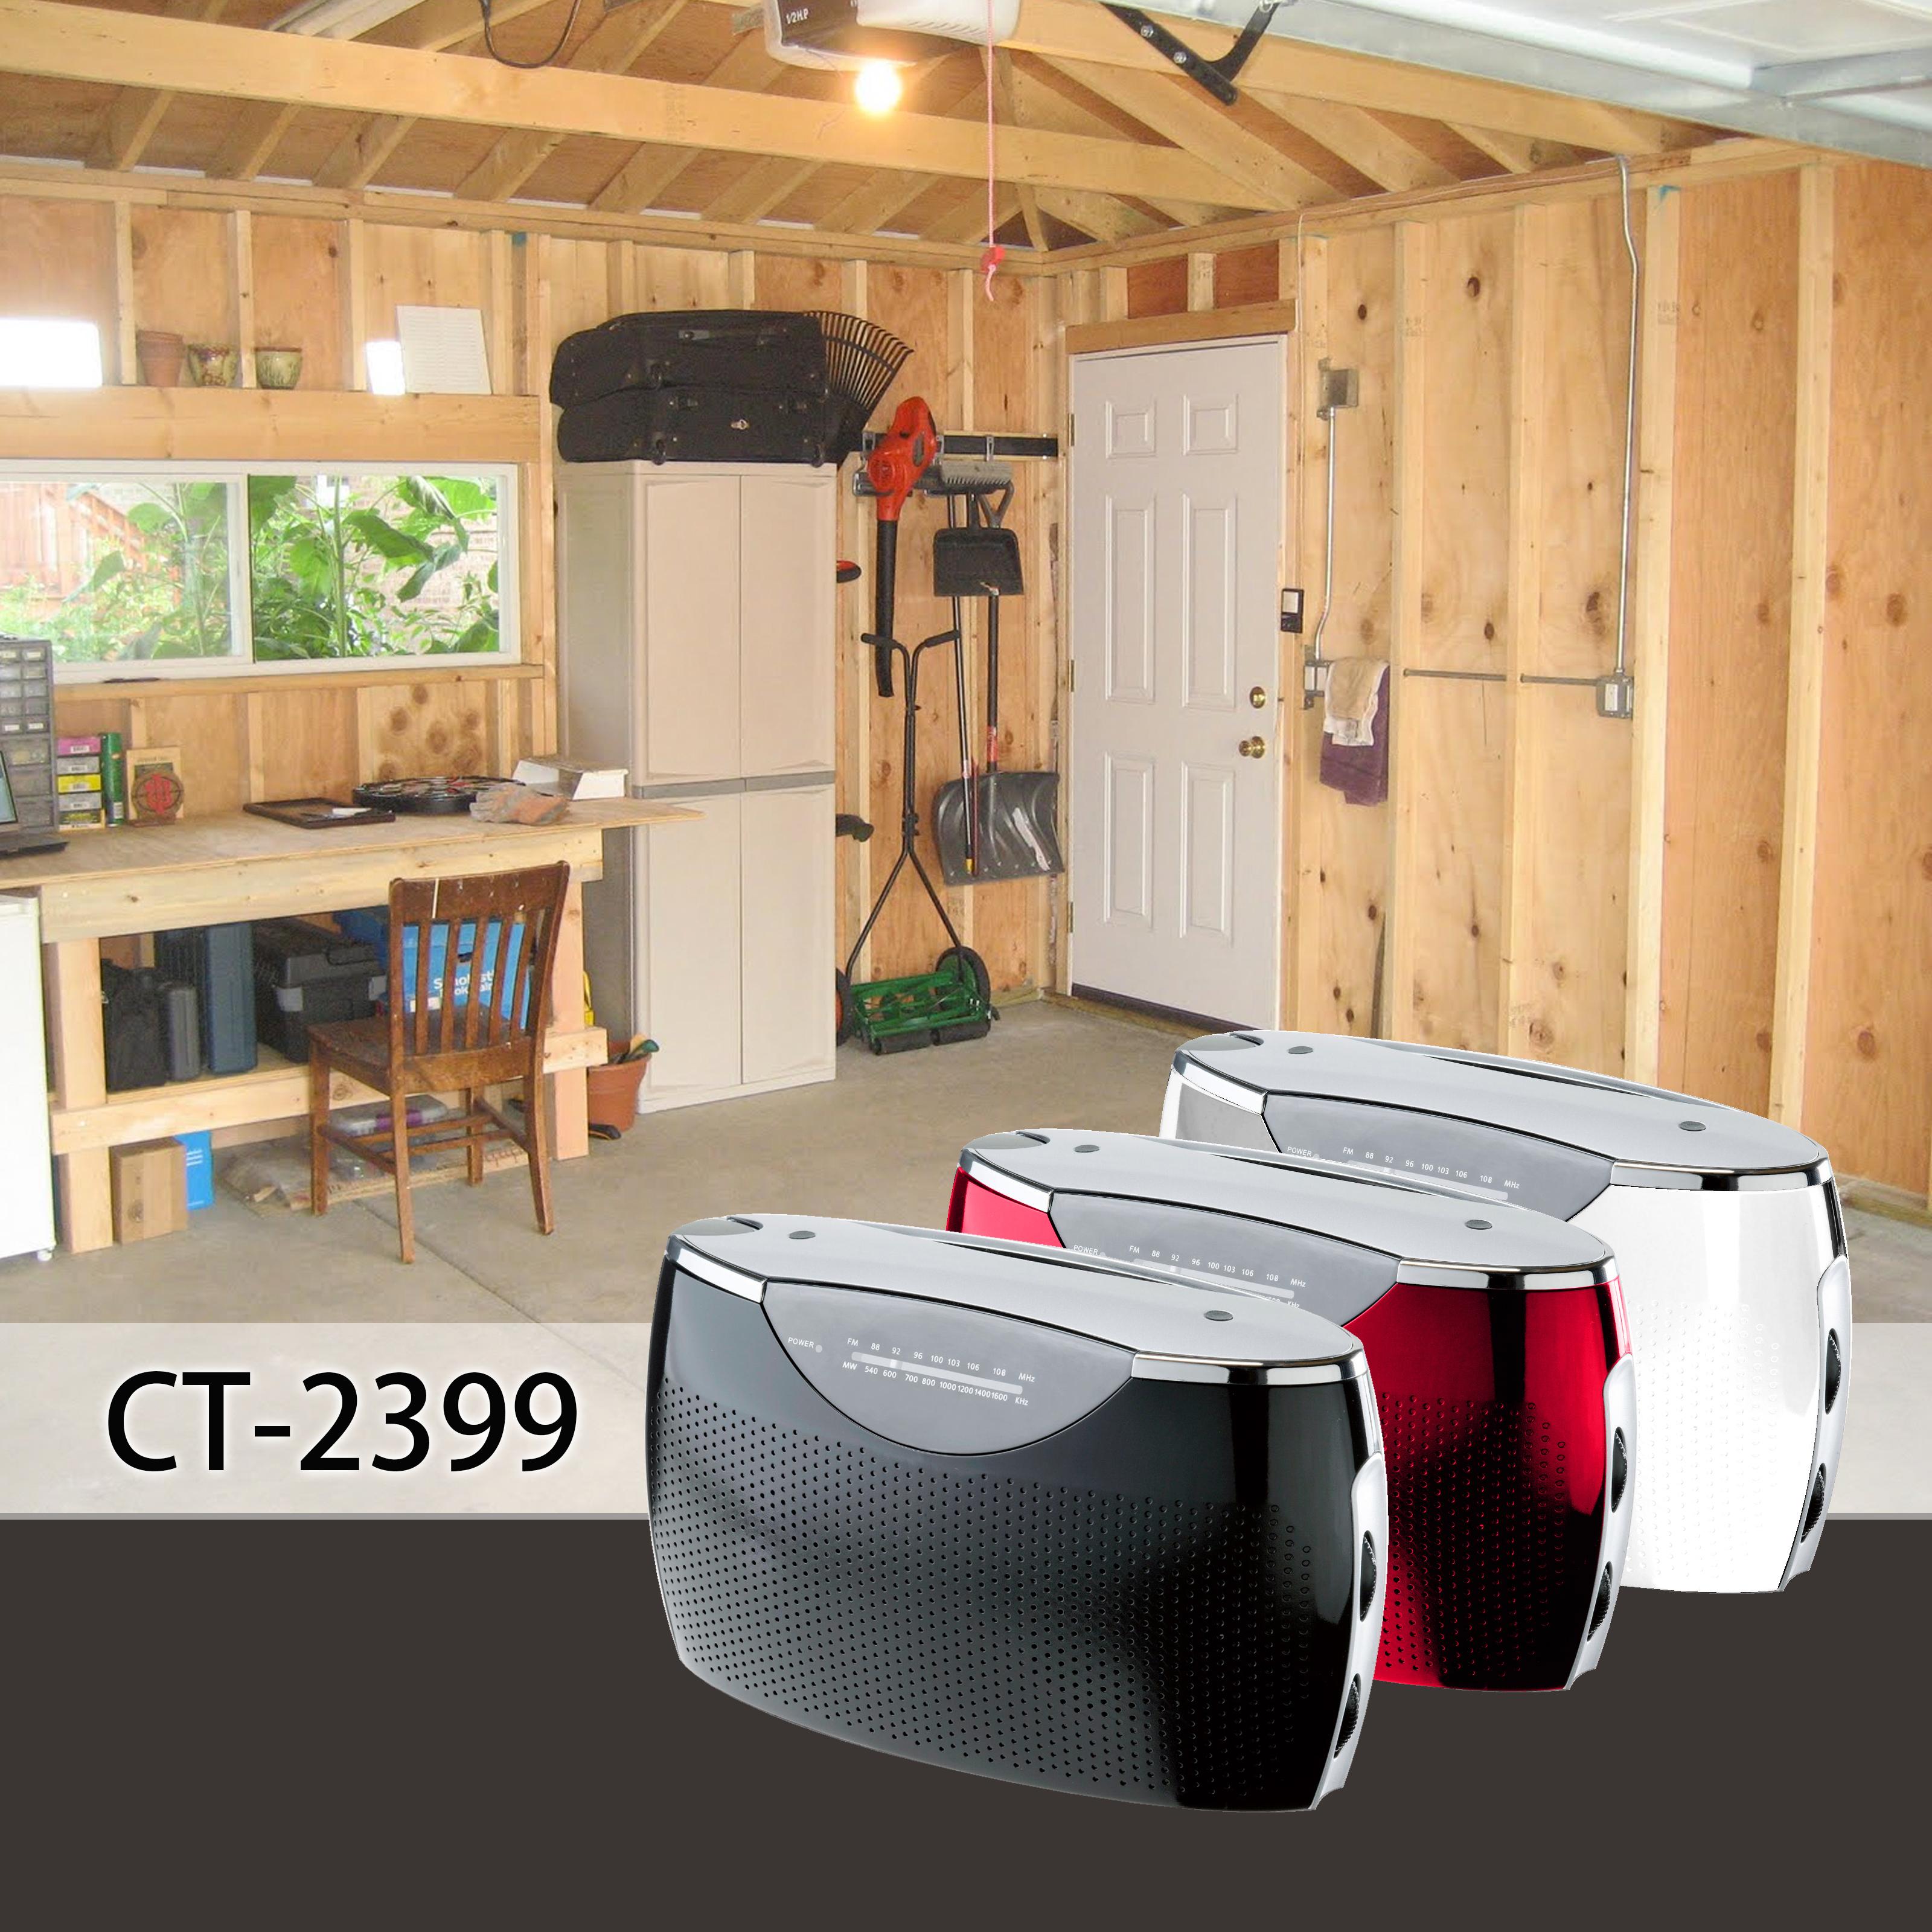 CT-2399 garage  .jpg